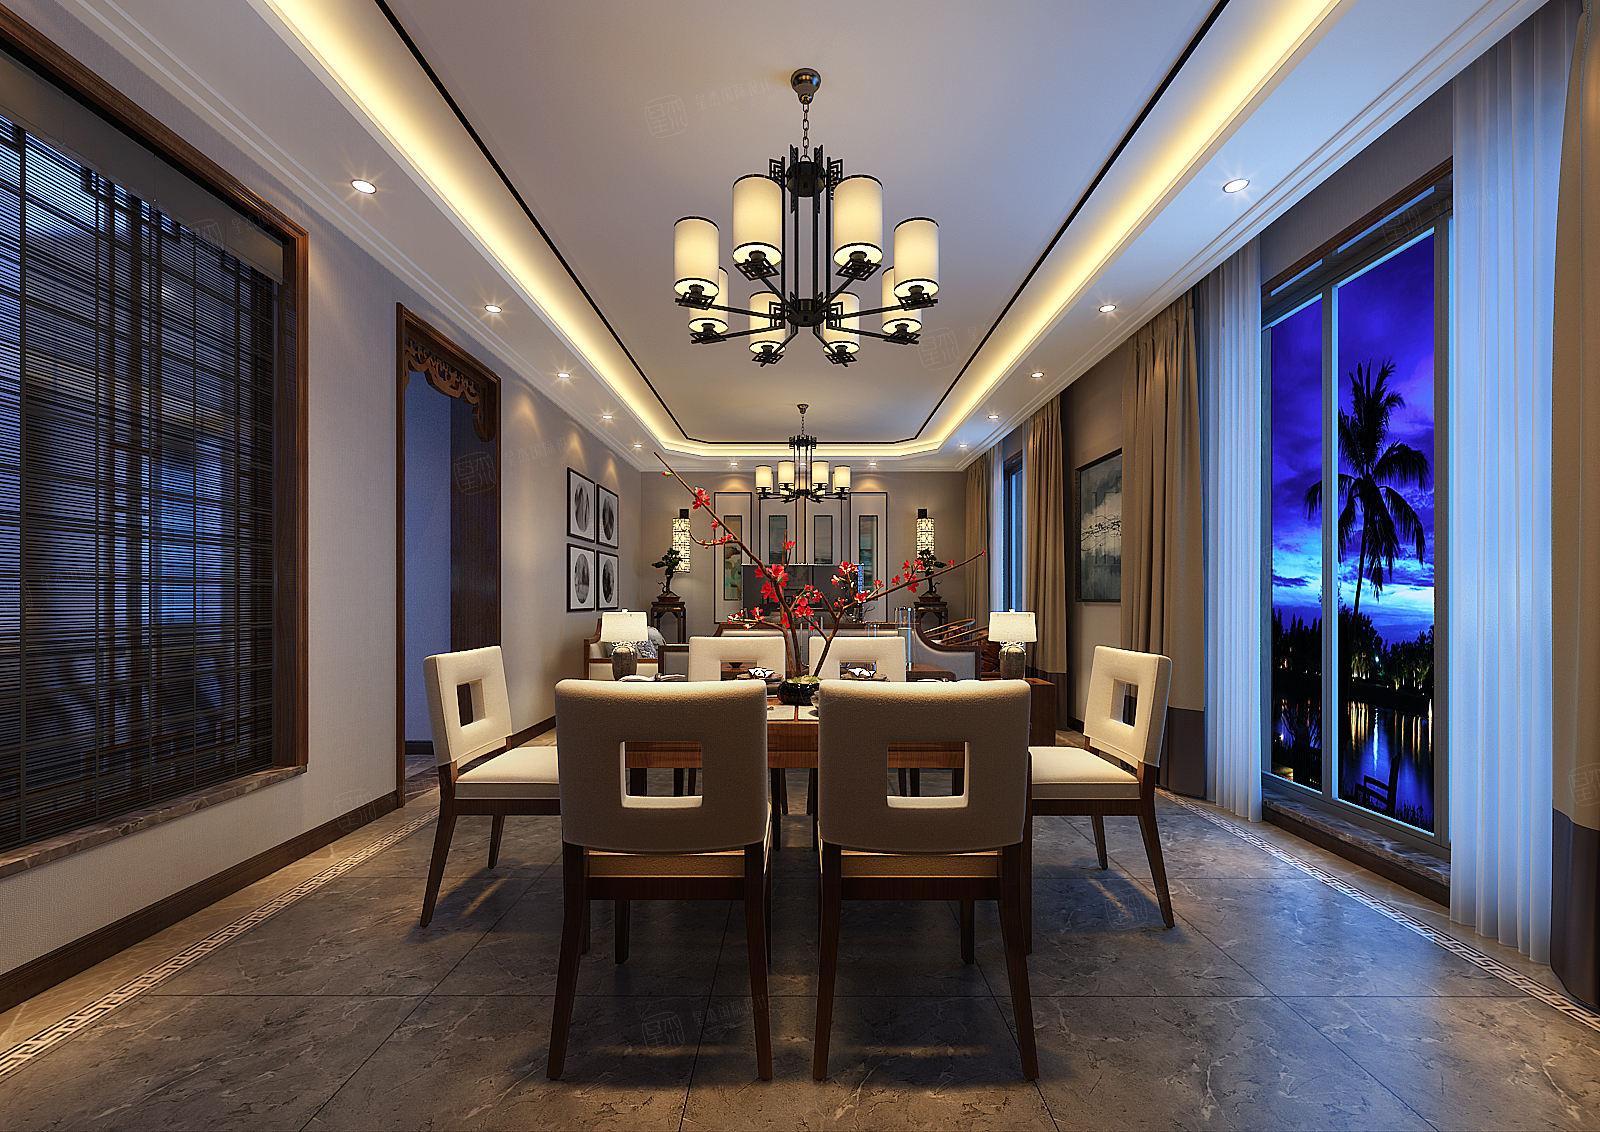 朗诗绿岛 现代中式装修餐厅效果图